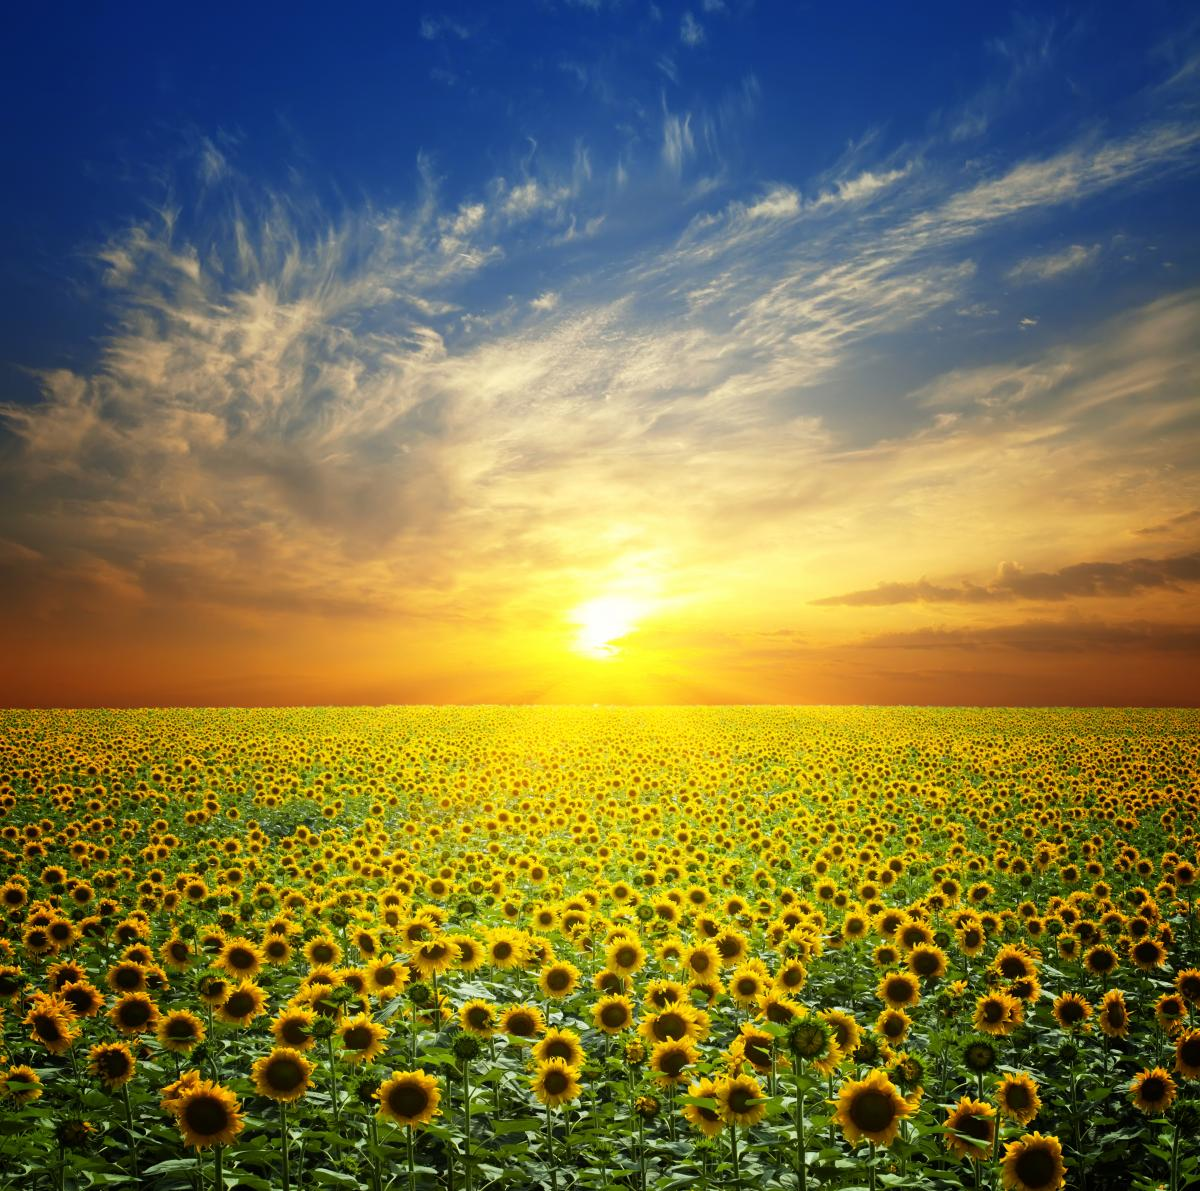 Какой сегодня народный праздник / фото ua.depositphotos.com